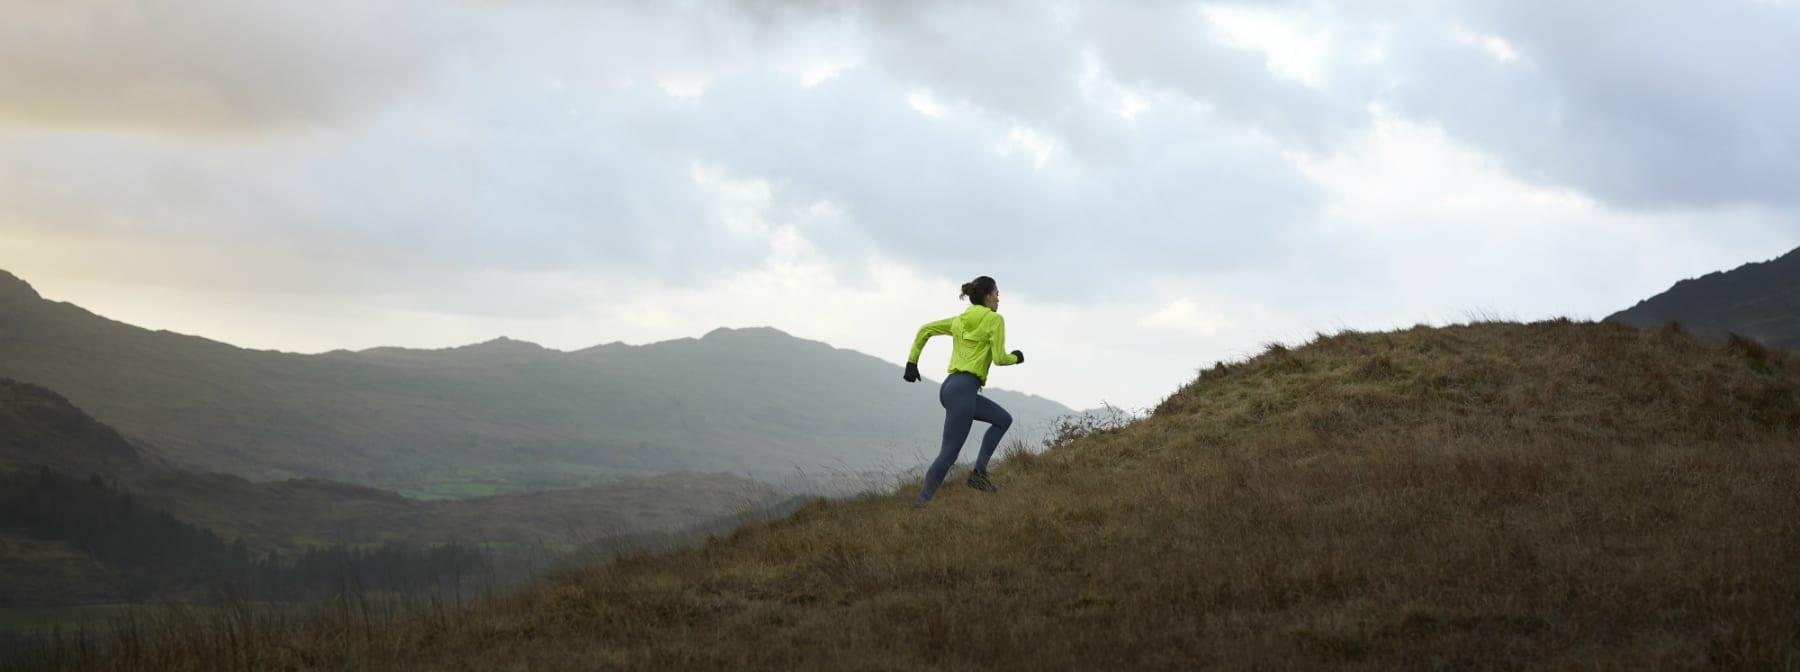 Alergare pentru începători | Plan de 4 săptămâni pentru a te apuca de alergat